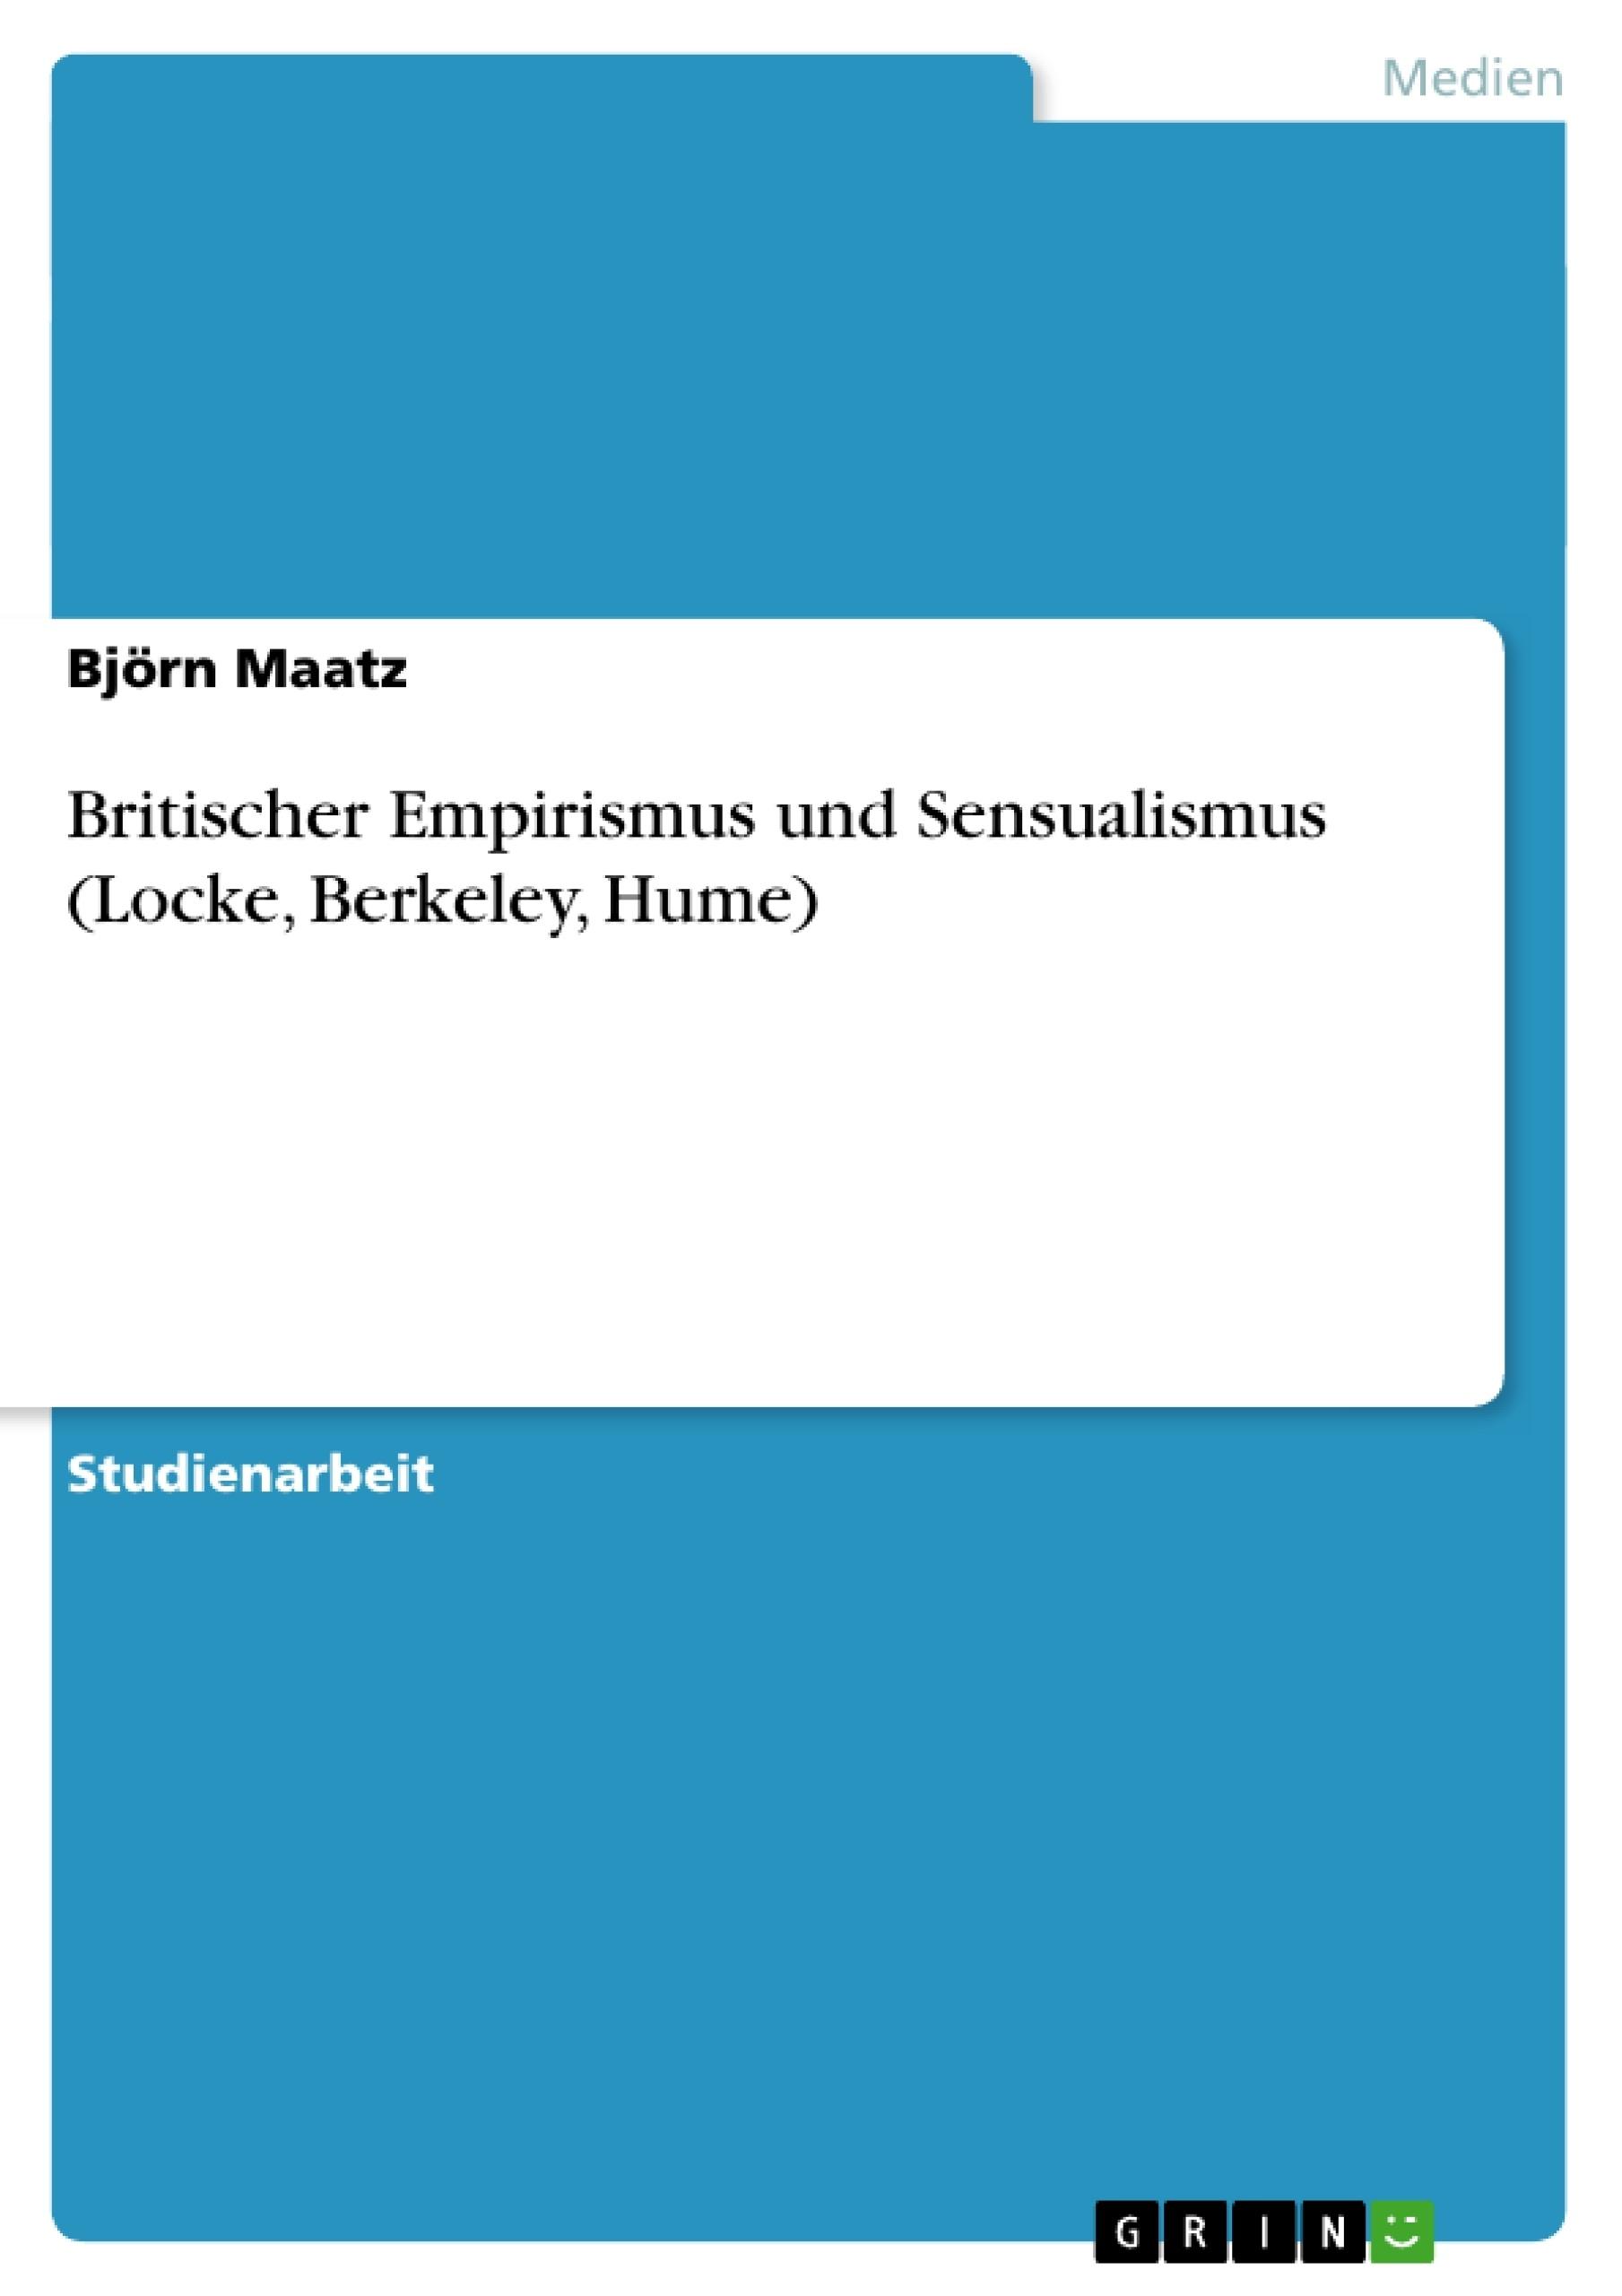 Titel: Britischer Empirismus und Sensualismus (Locke, Berkeley, Hume)